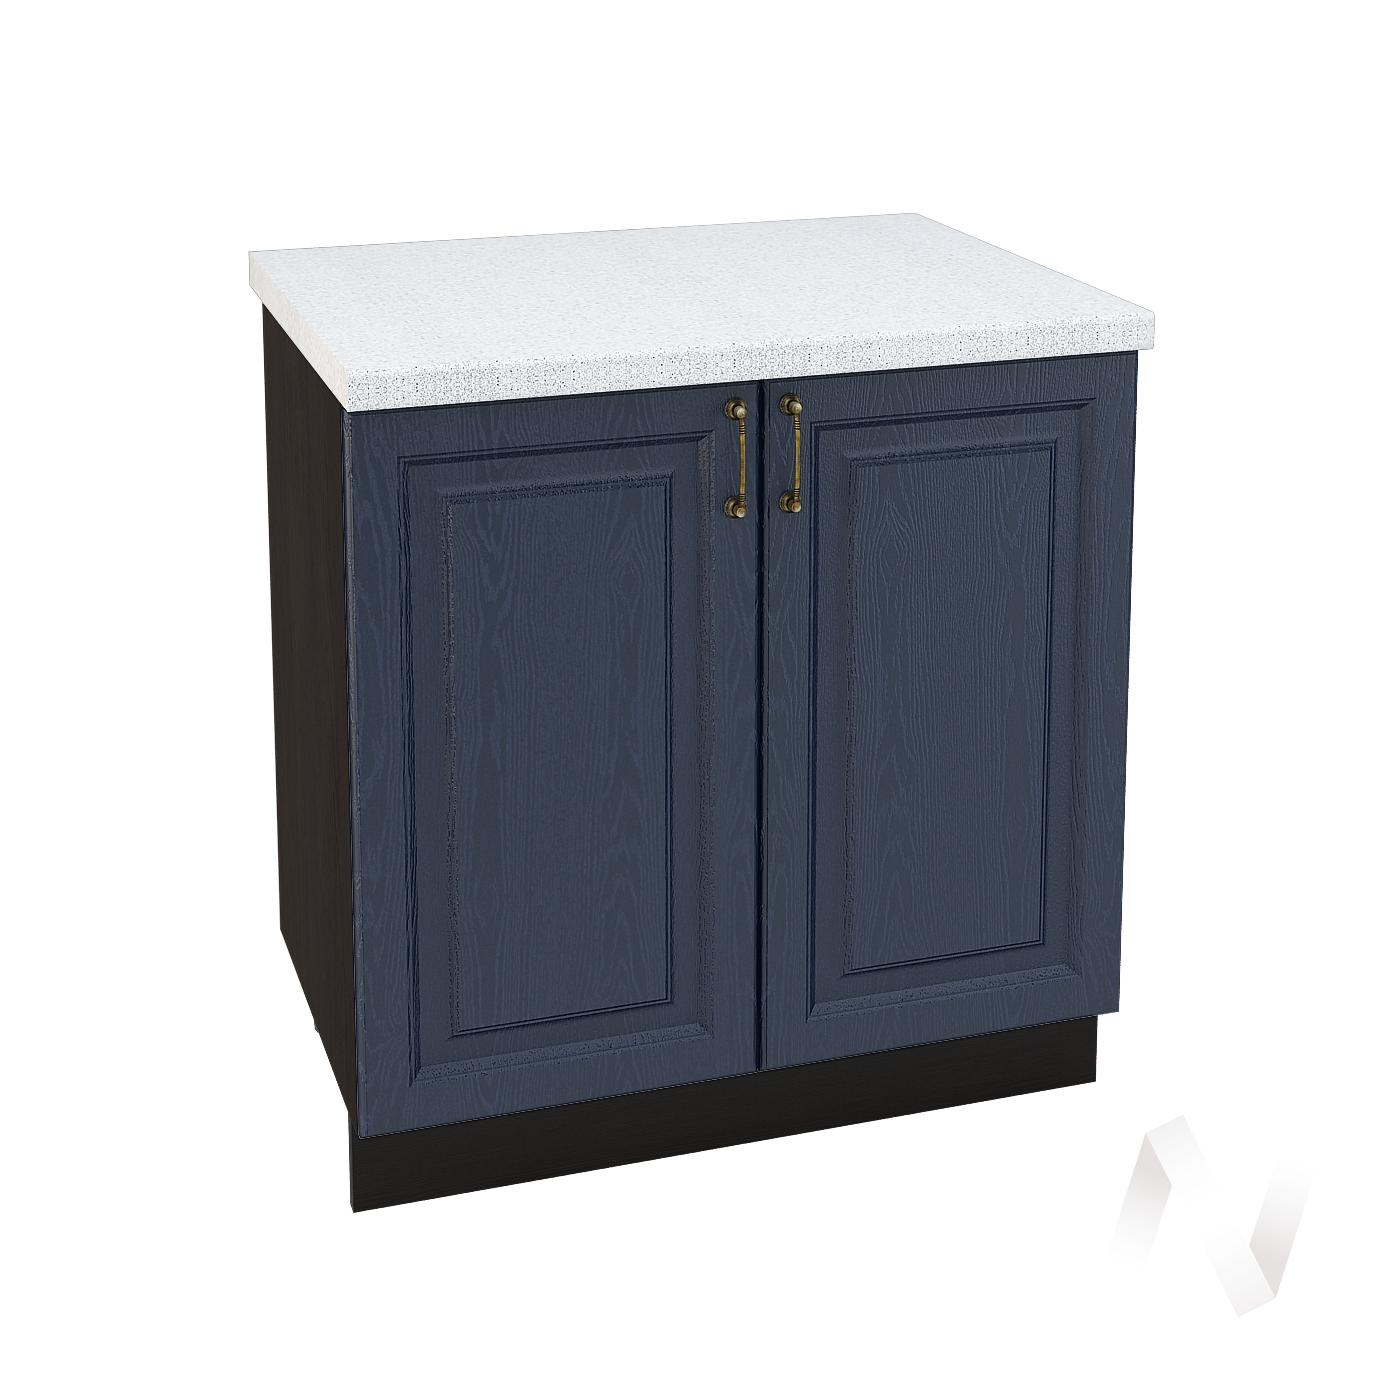 """Кухня """"Ницца"""": Шкаф нижний 800, ШН 800 (Дуб чернильный/корпус венге)"""